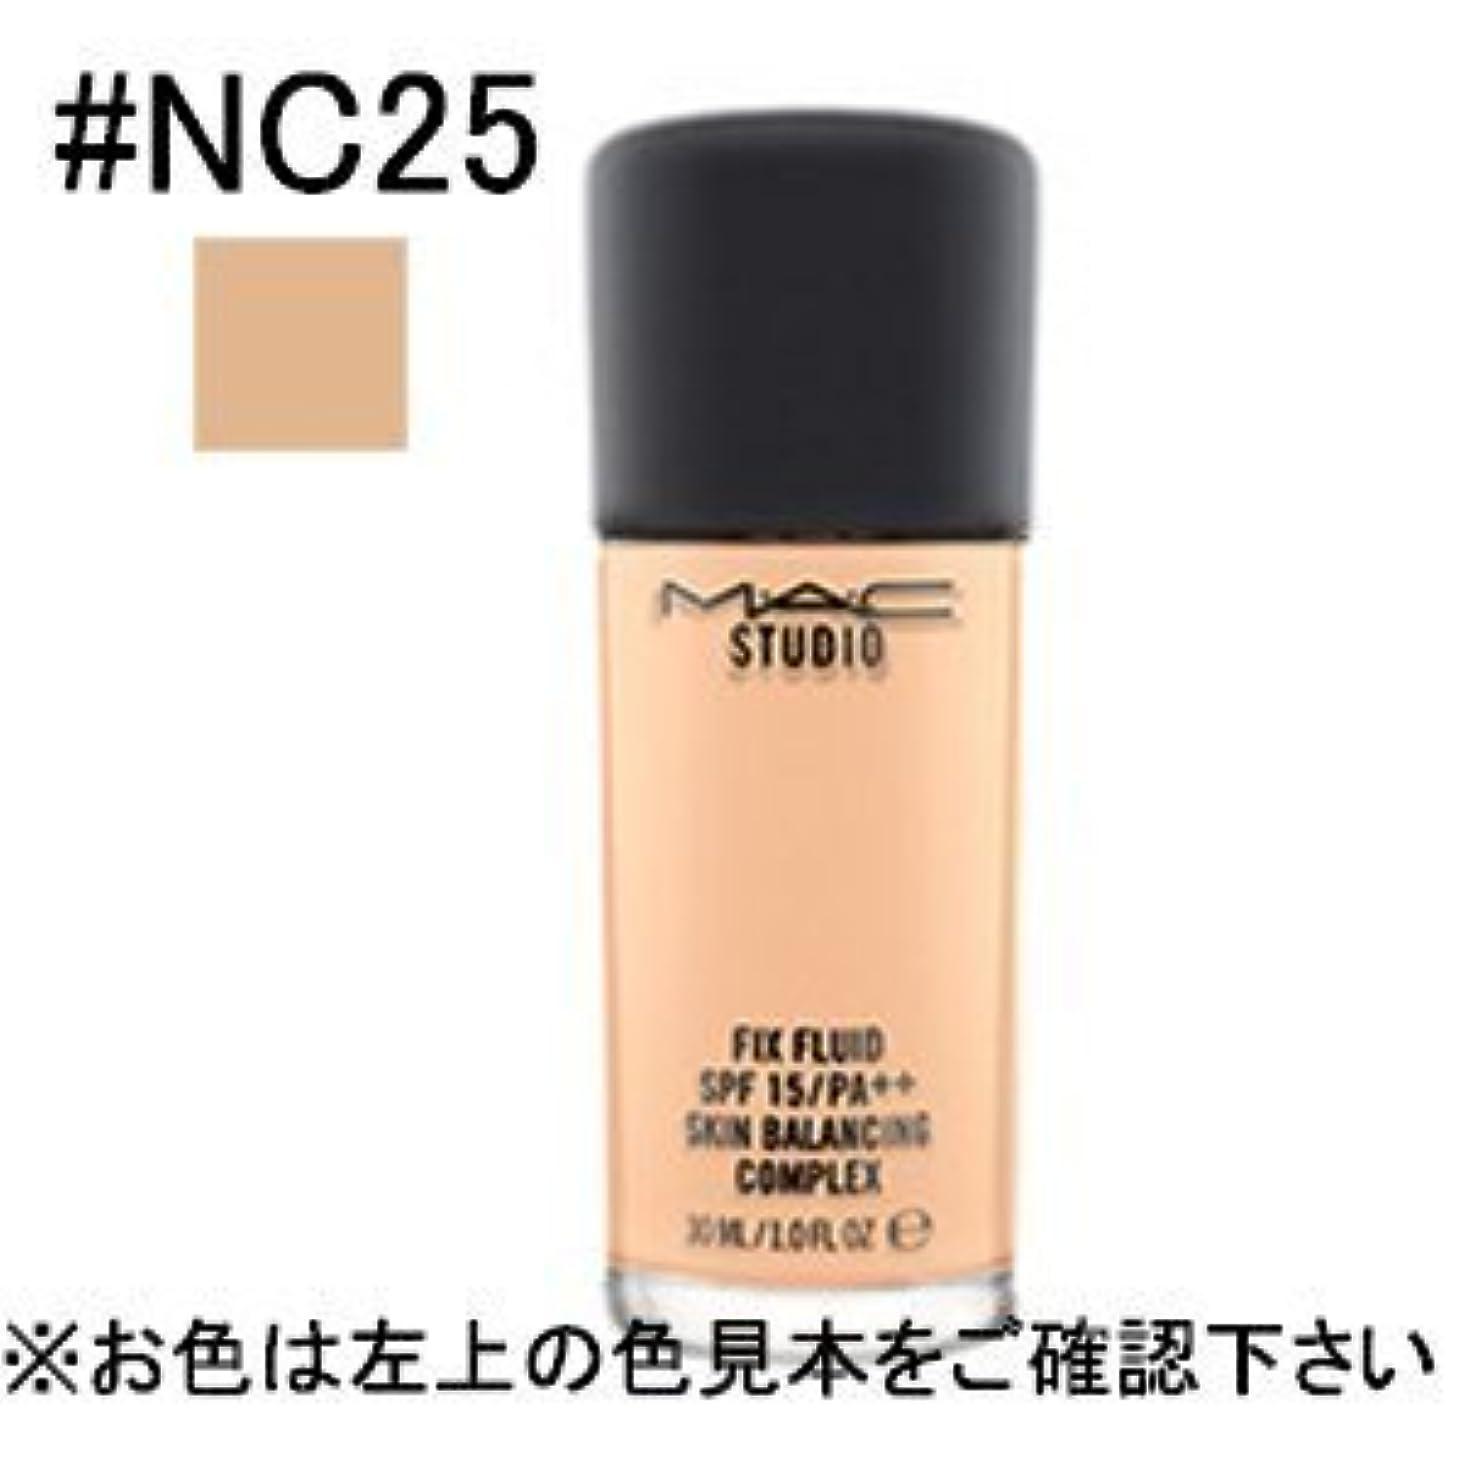 血カウンタ同化する【MAC リキッドファンデーション】スタジオ フィックス フルイッド #NC25